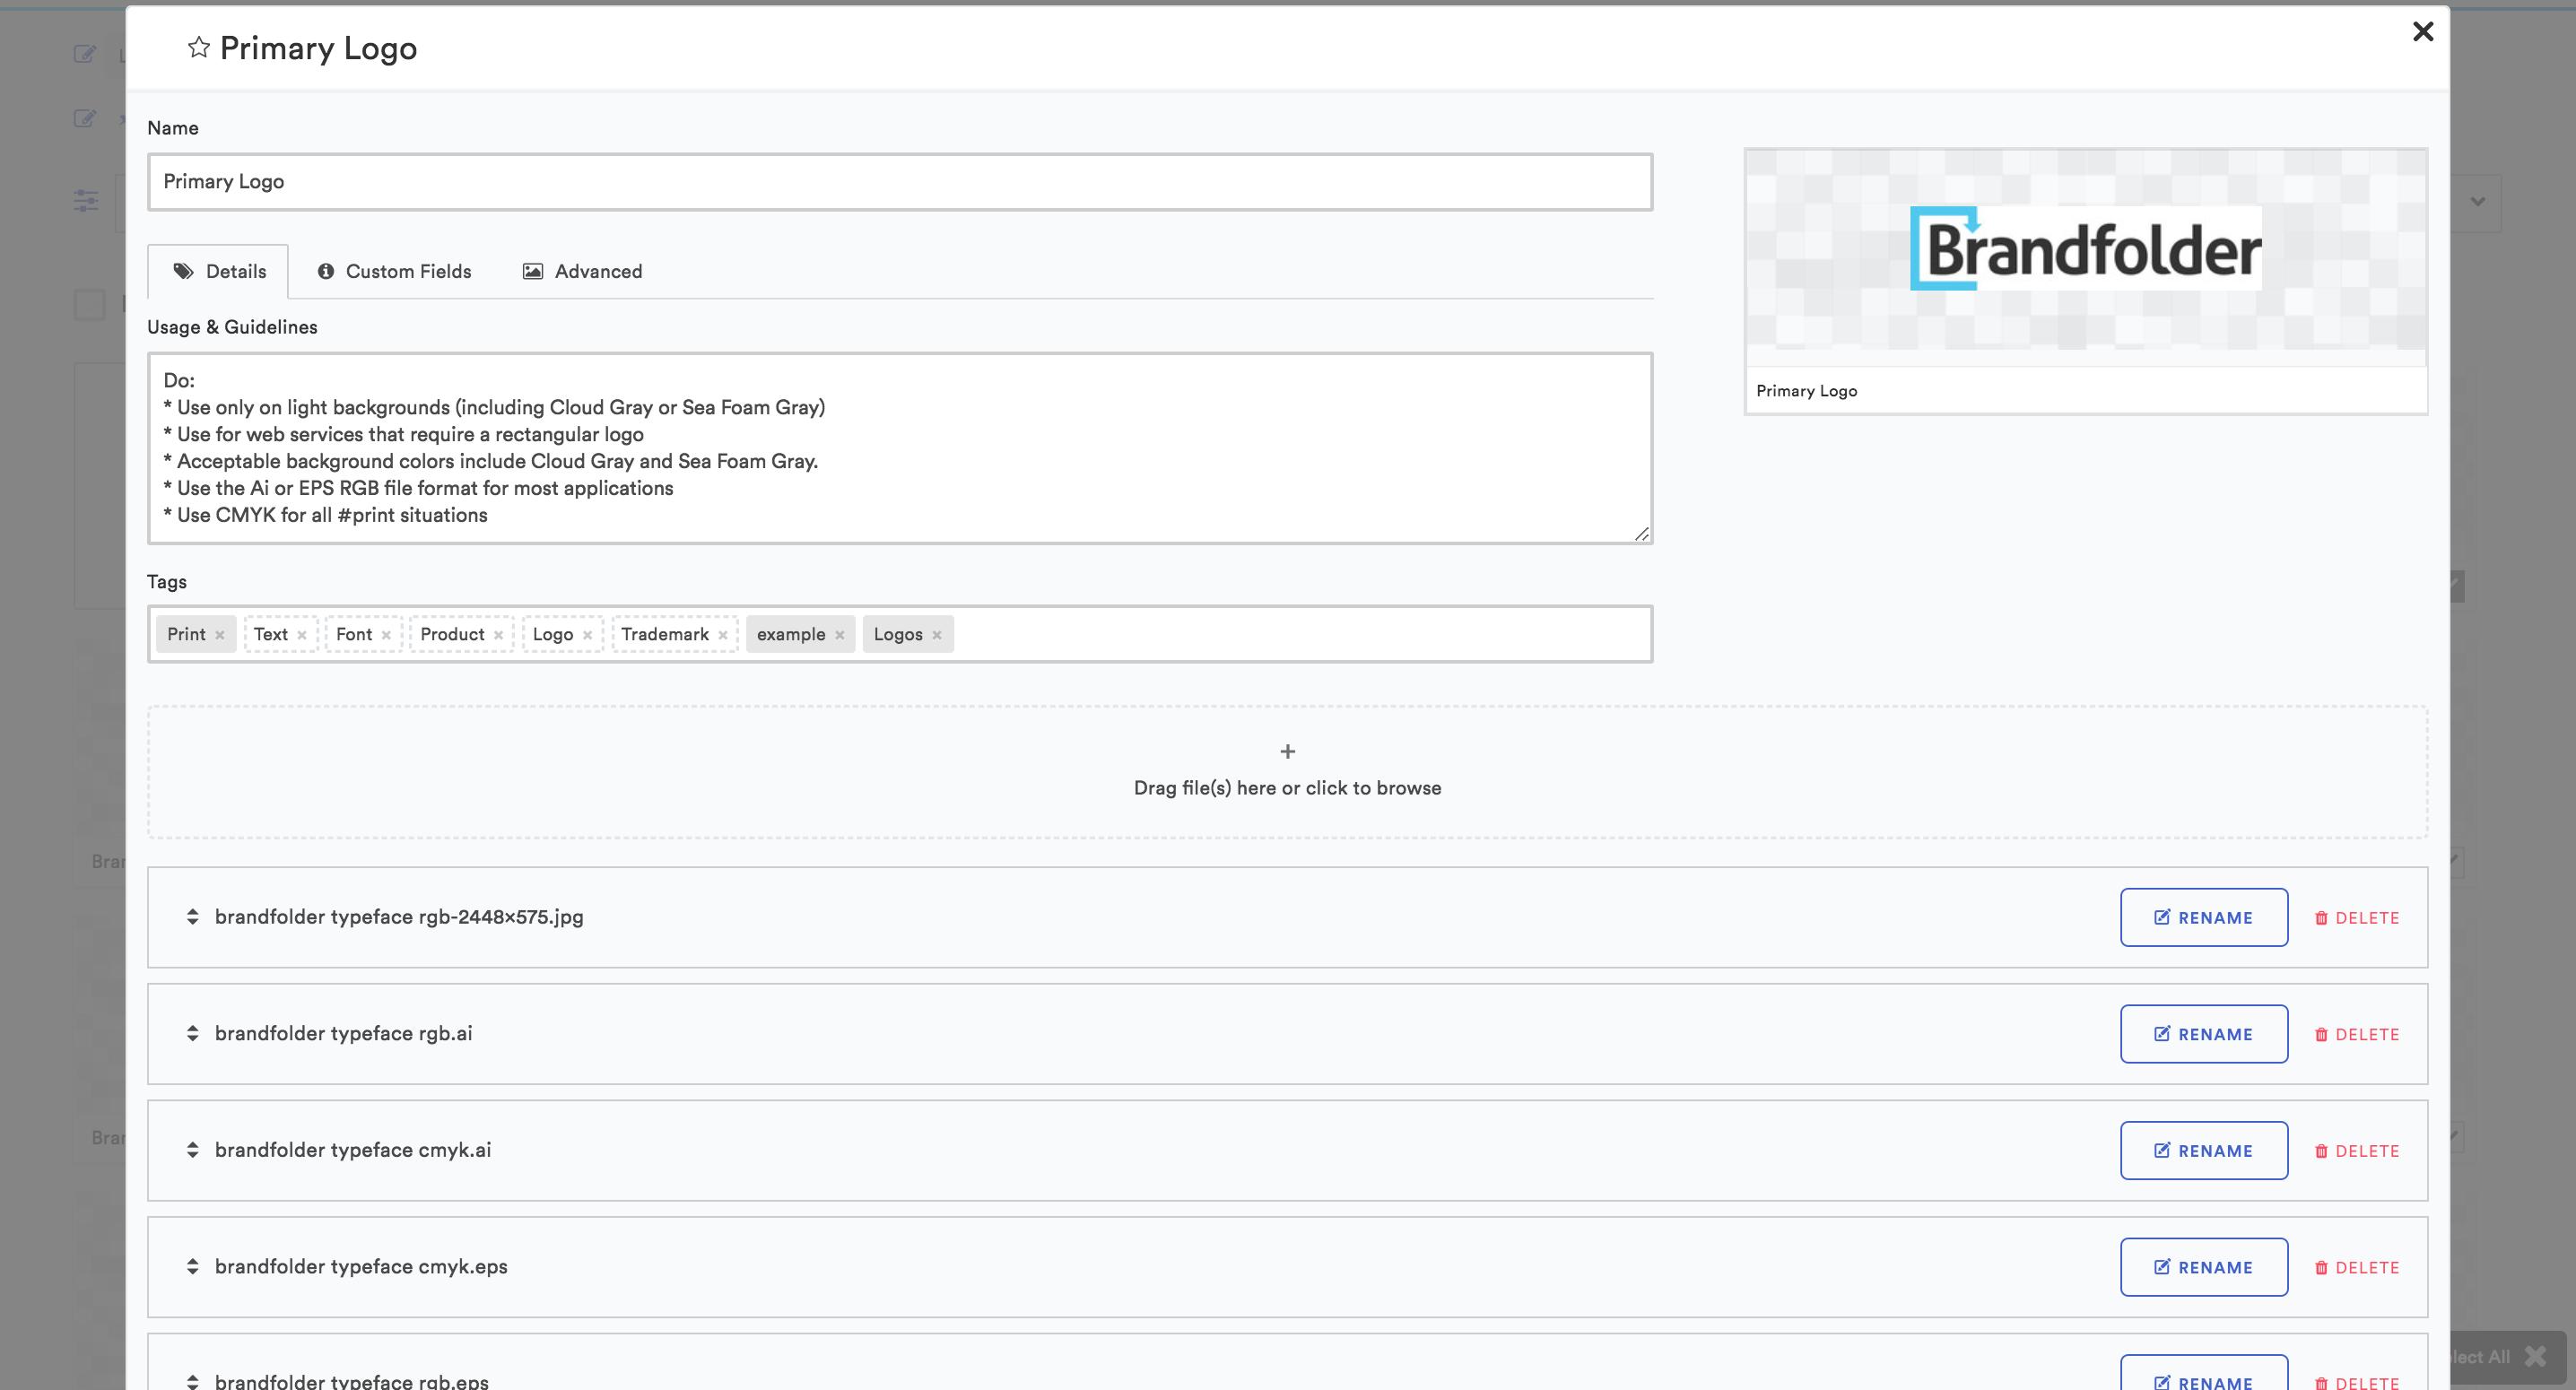 Brandfolder Software - Edit assets